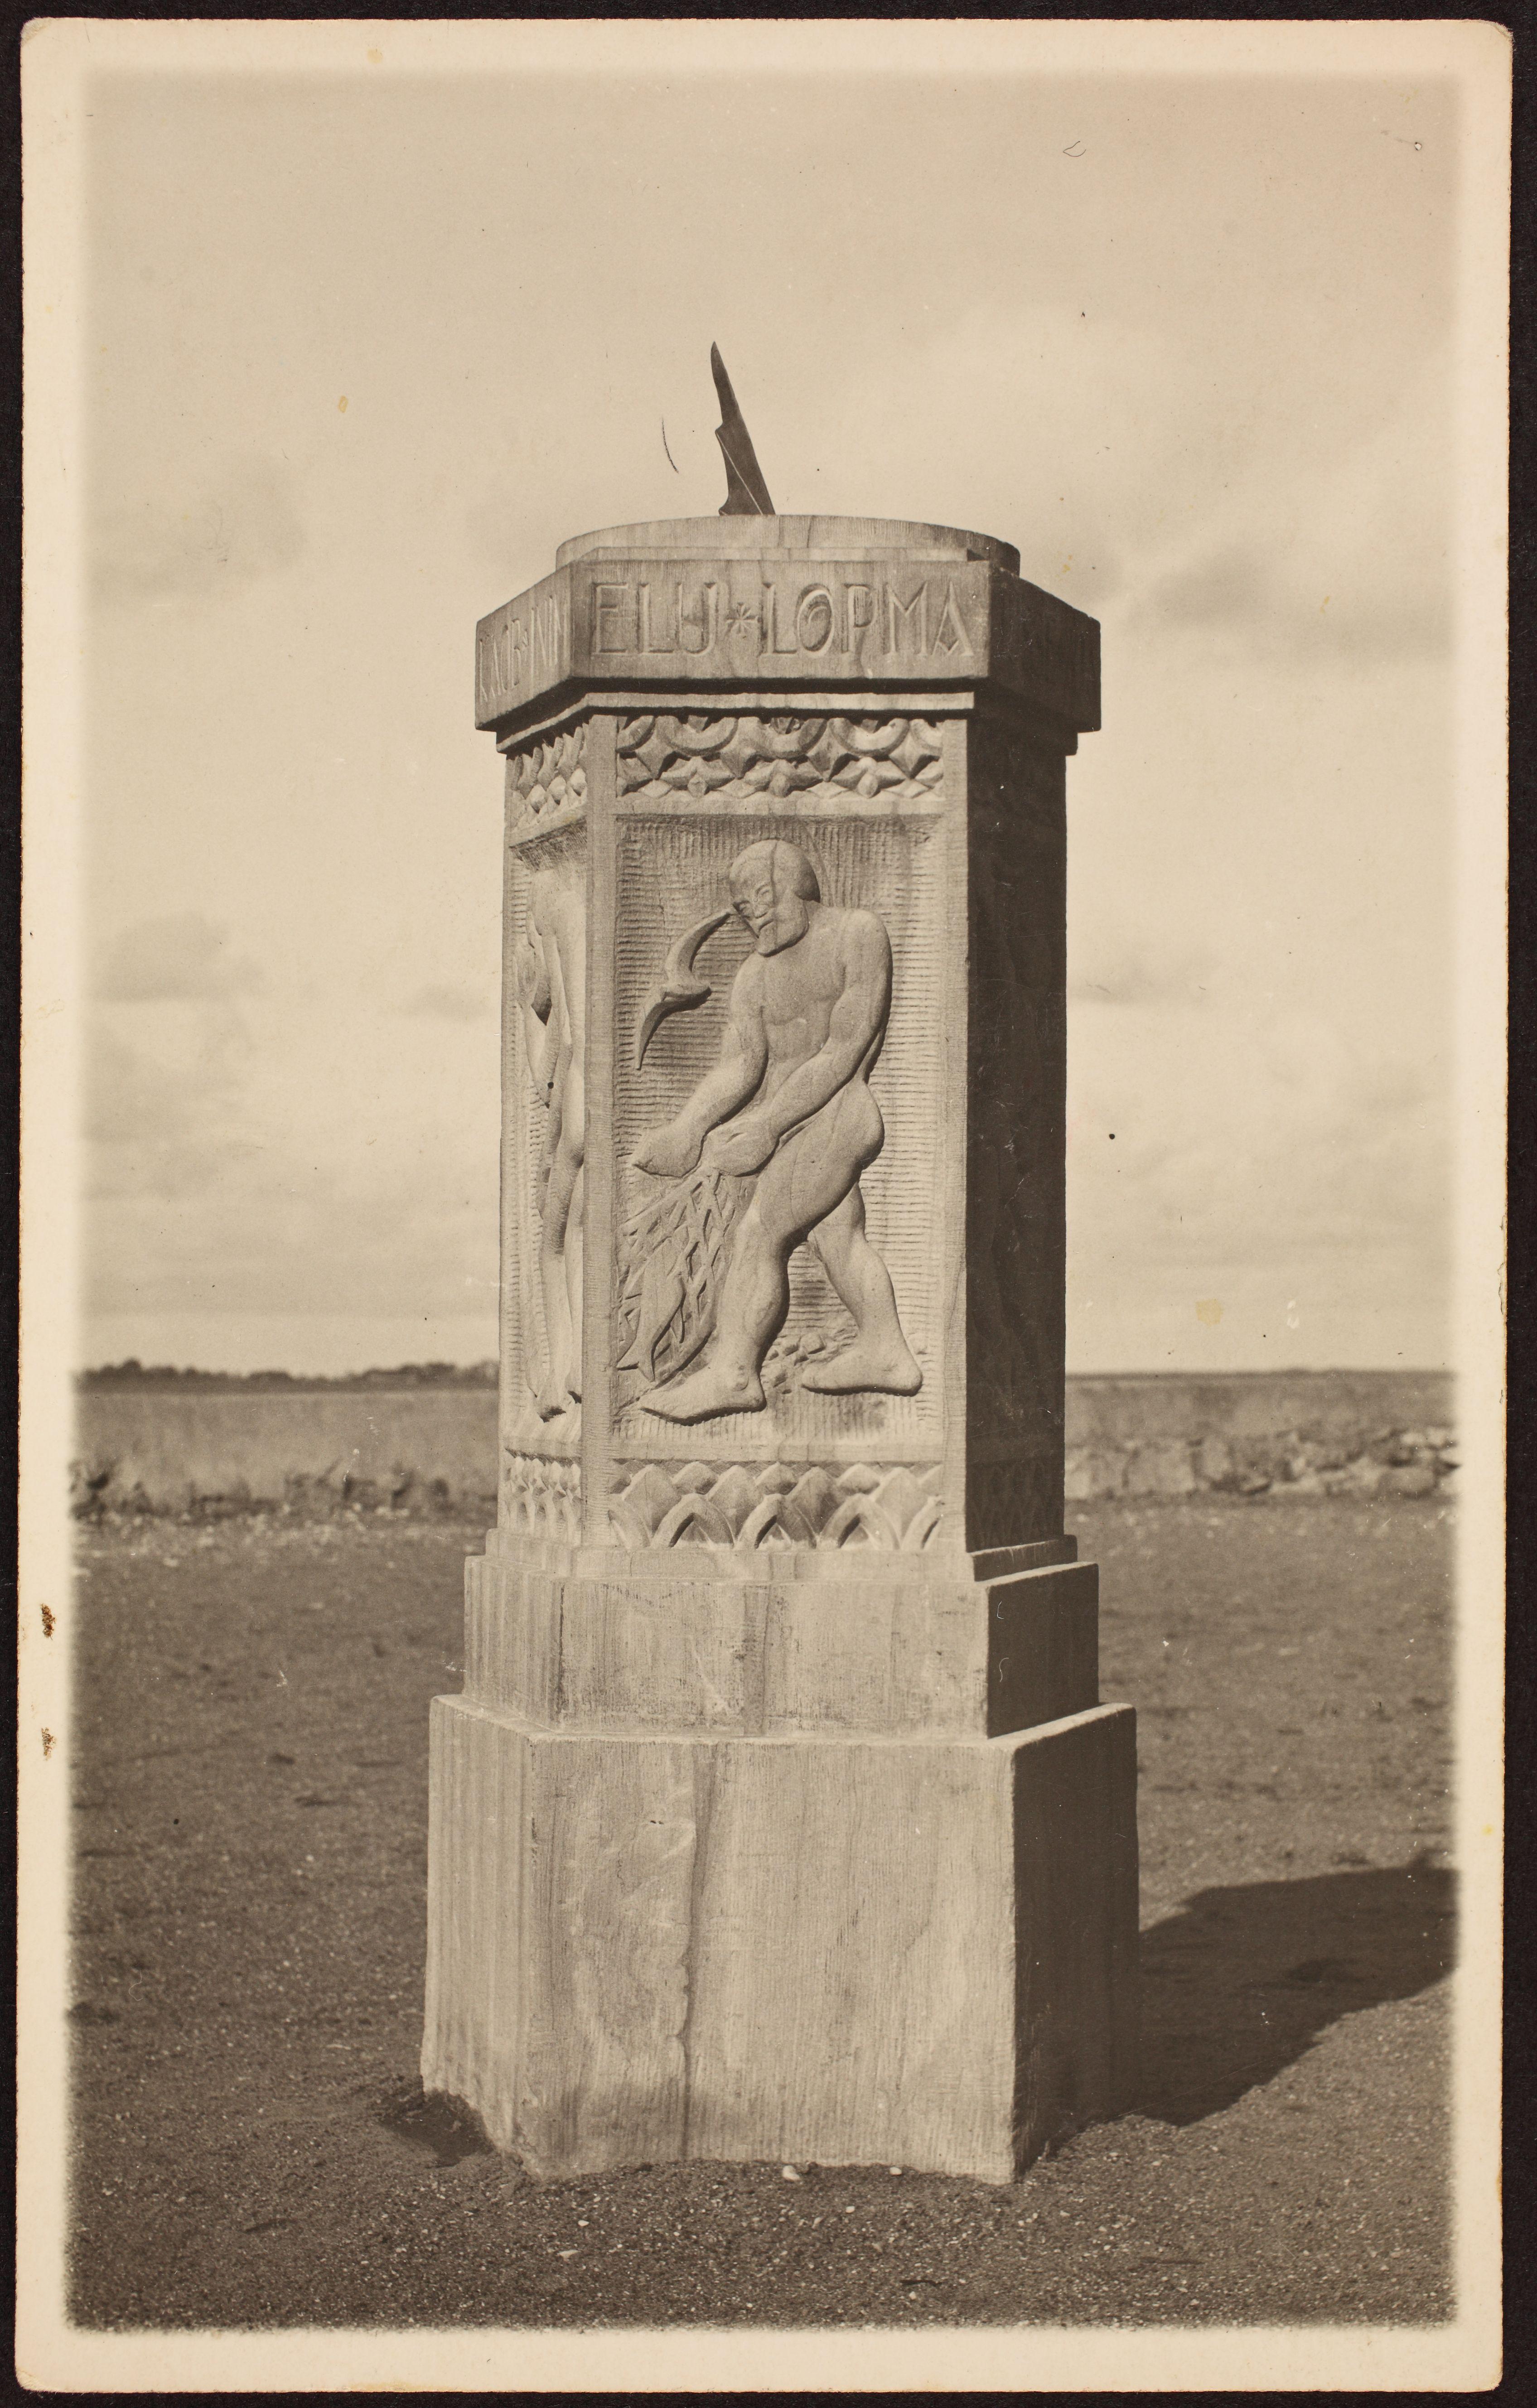 Päikesekell, 1924. ERA.R-1903.1.58.36